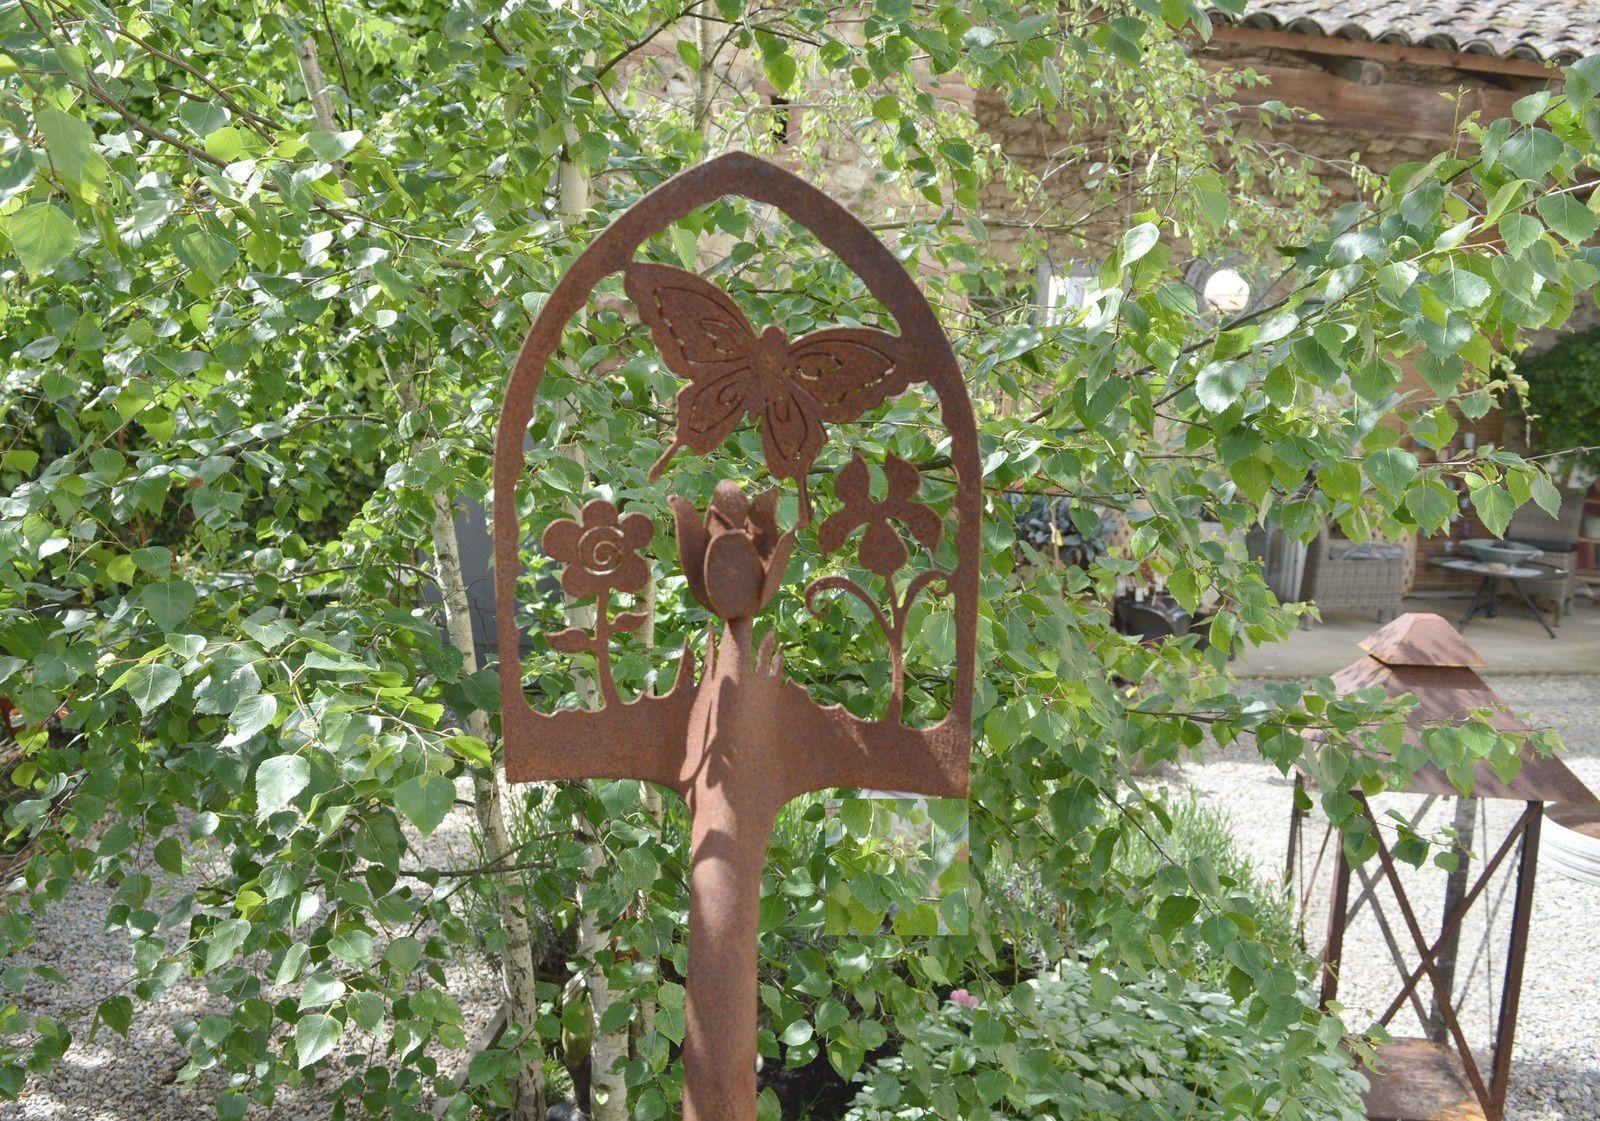 Decoration En Fer Forge Deco De Jardin Deco | D 233 Coration ... tout Fer Forgé Jardin Décoration